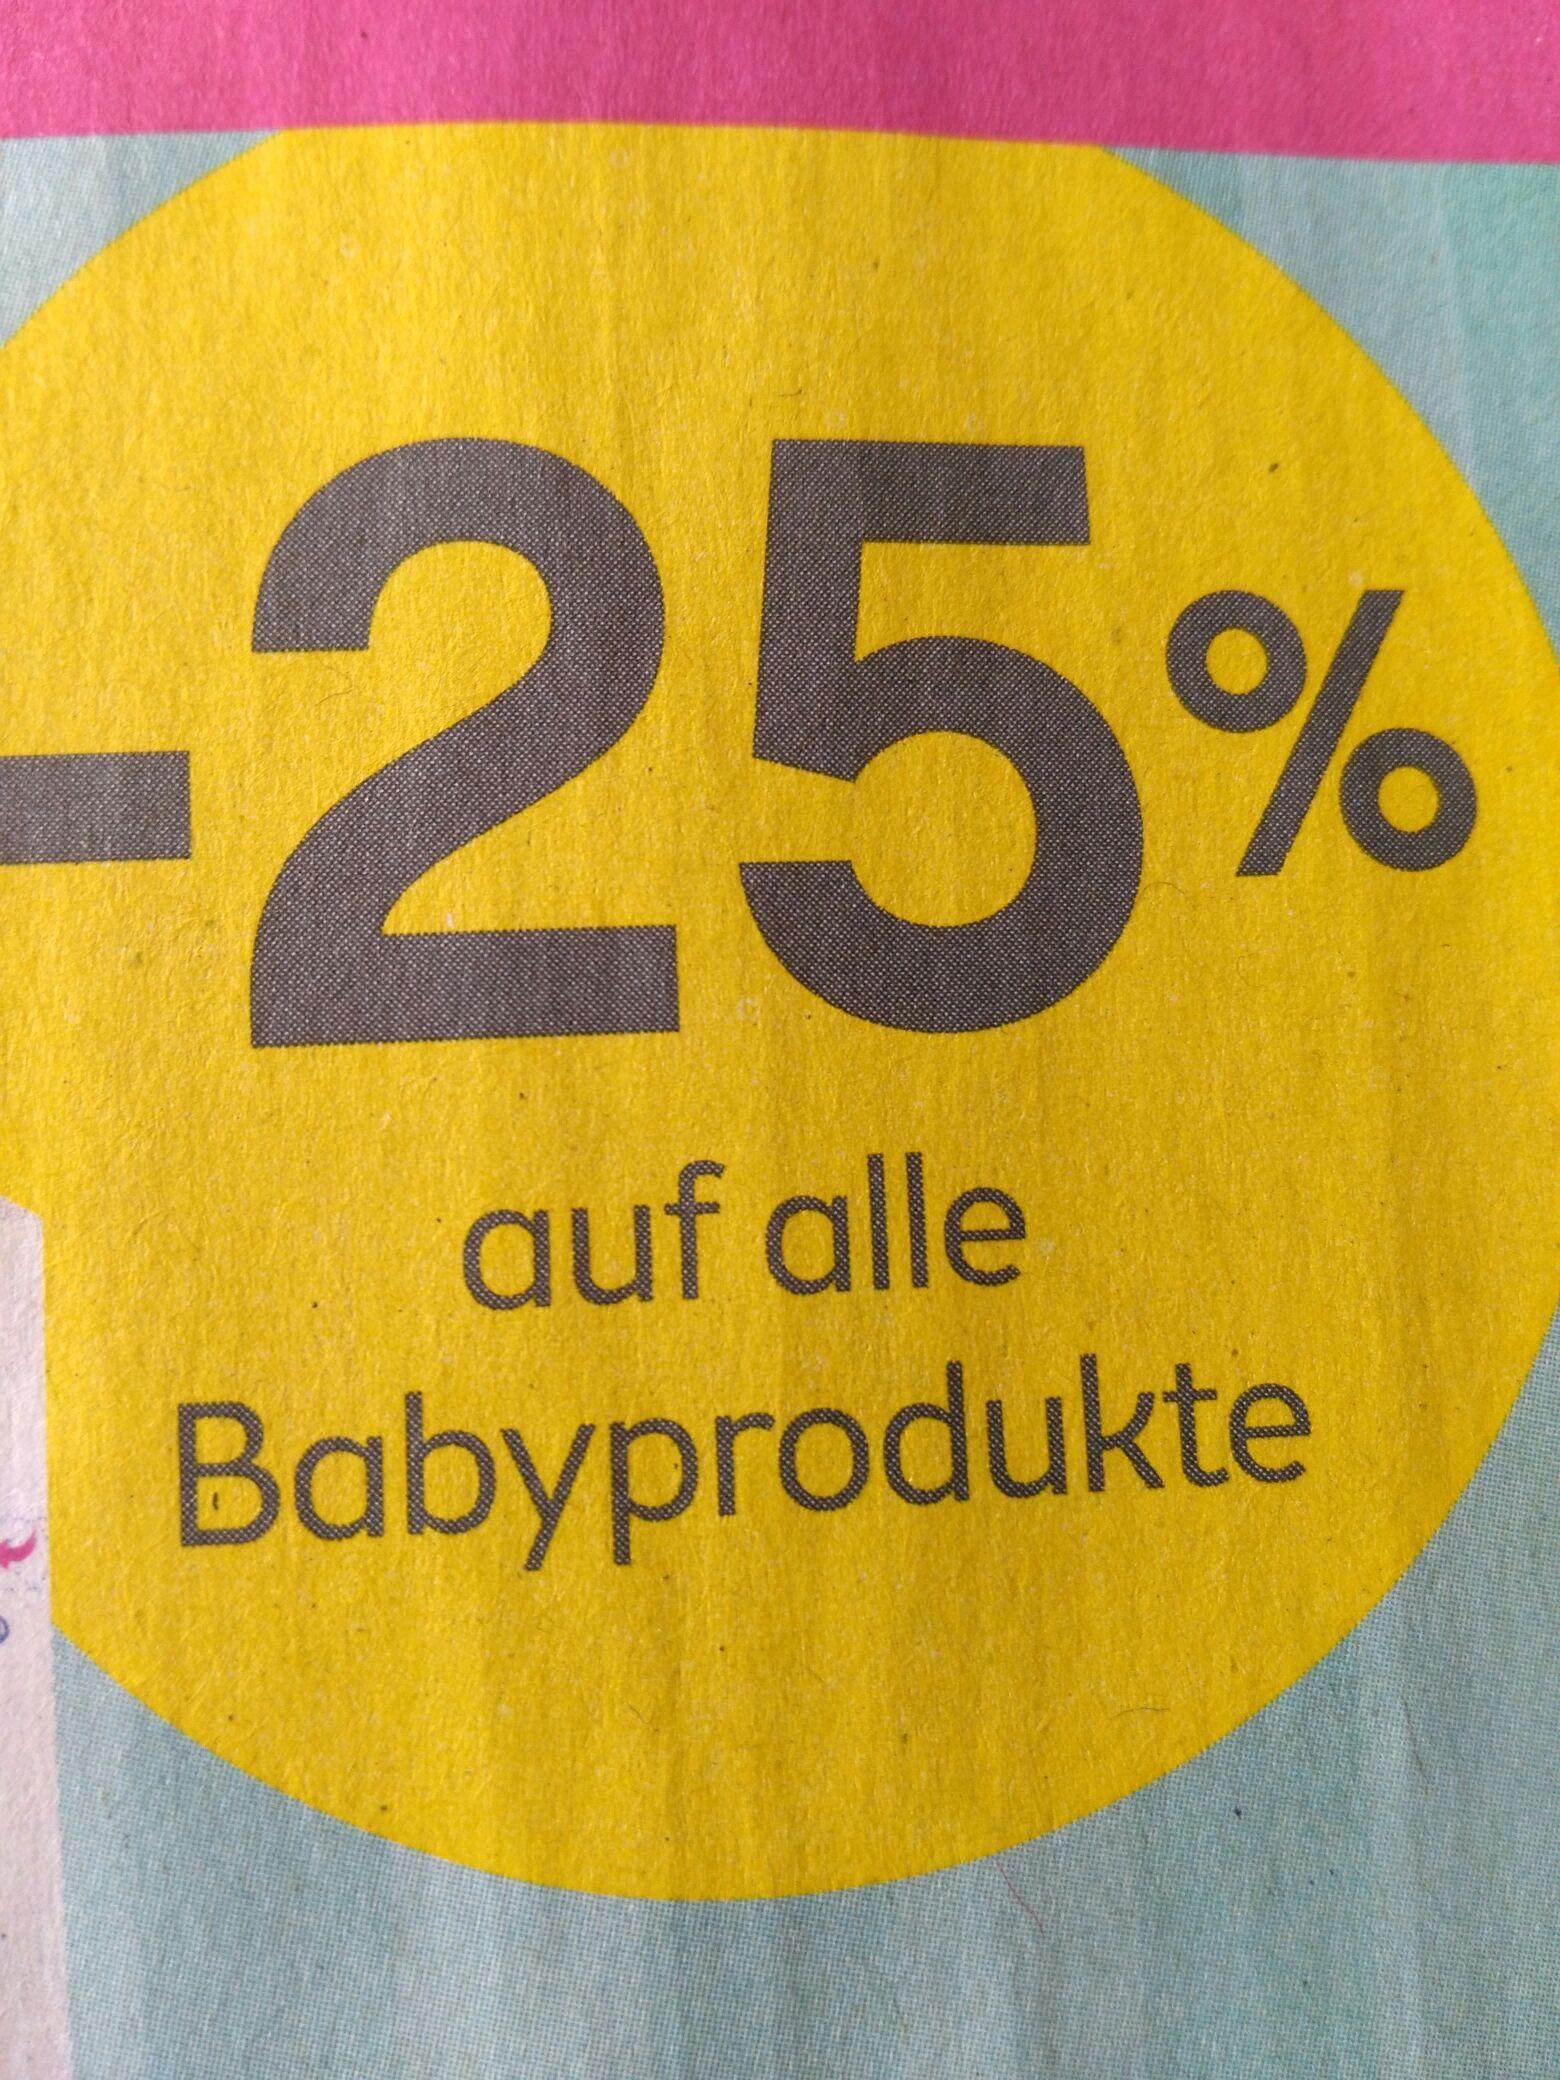 Bipa Filialen: -25% auf Babyprodukte